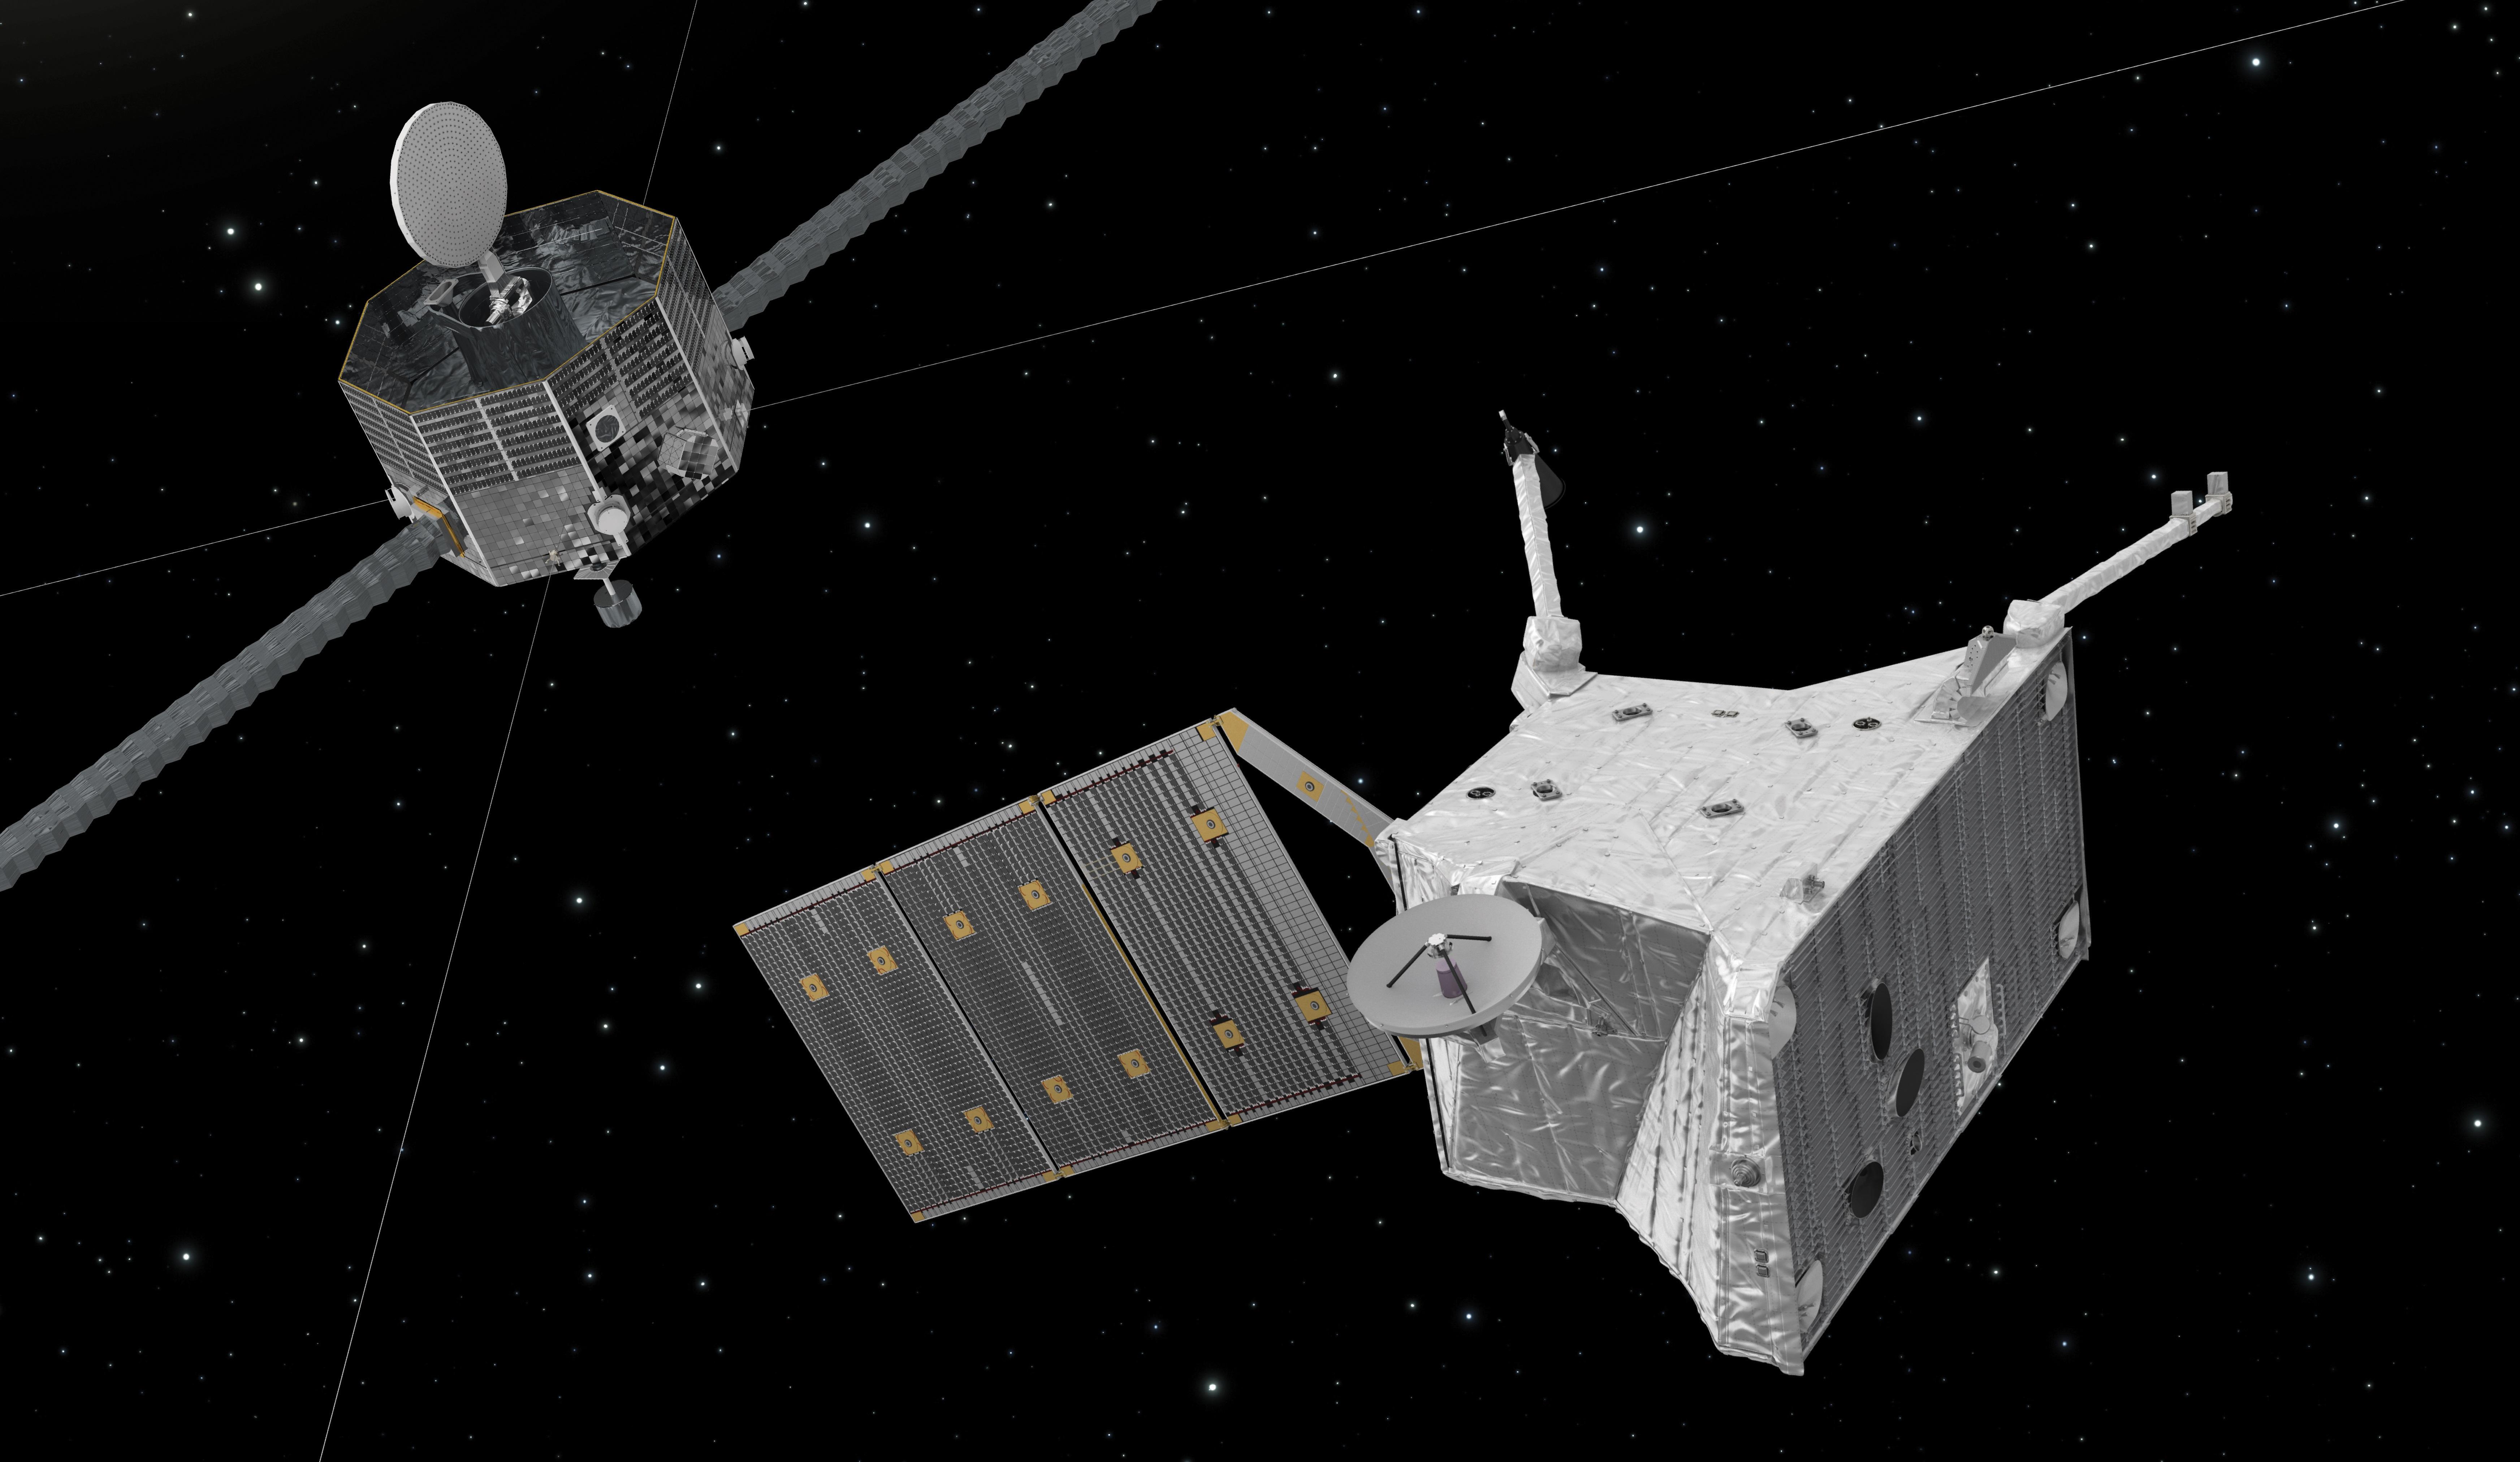 BepiColombo består av to romsonder, Mercury Magnetospheric Orbiter (til venstre) som skal undersøke Merkurs magnetfelt og exosfære, og Mercury Planetary Orbiter som skal forske på Merkurs ytre, sammensetning og indre. Illustrasjon: ESA/ATG medialab